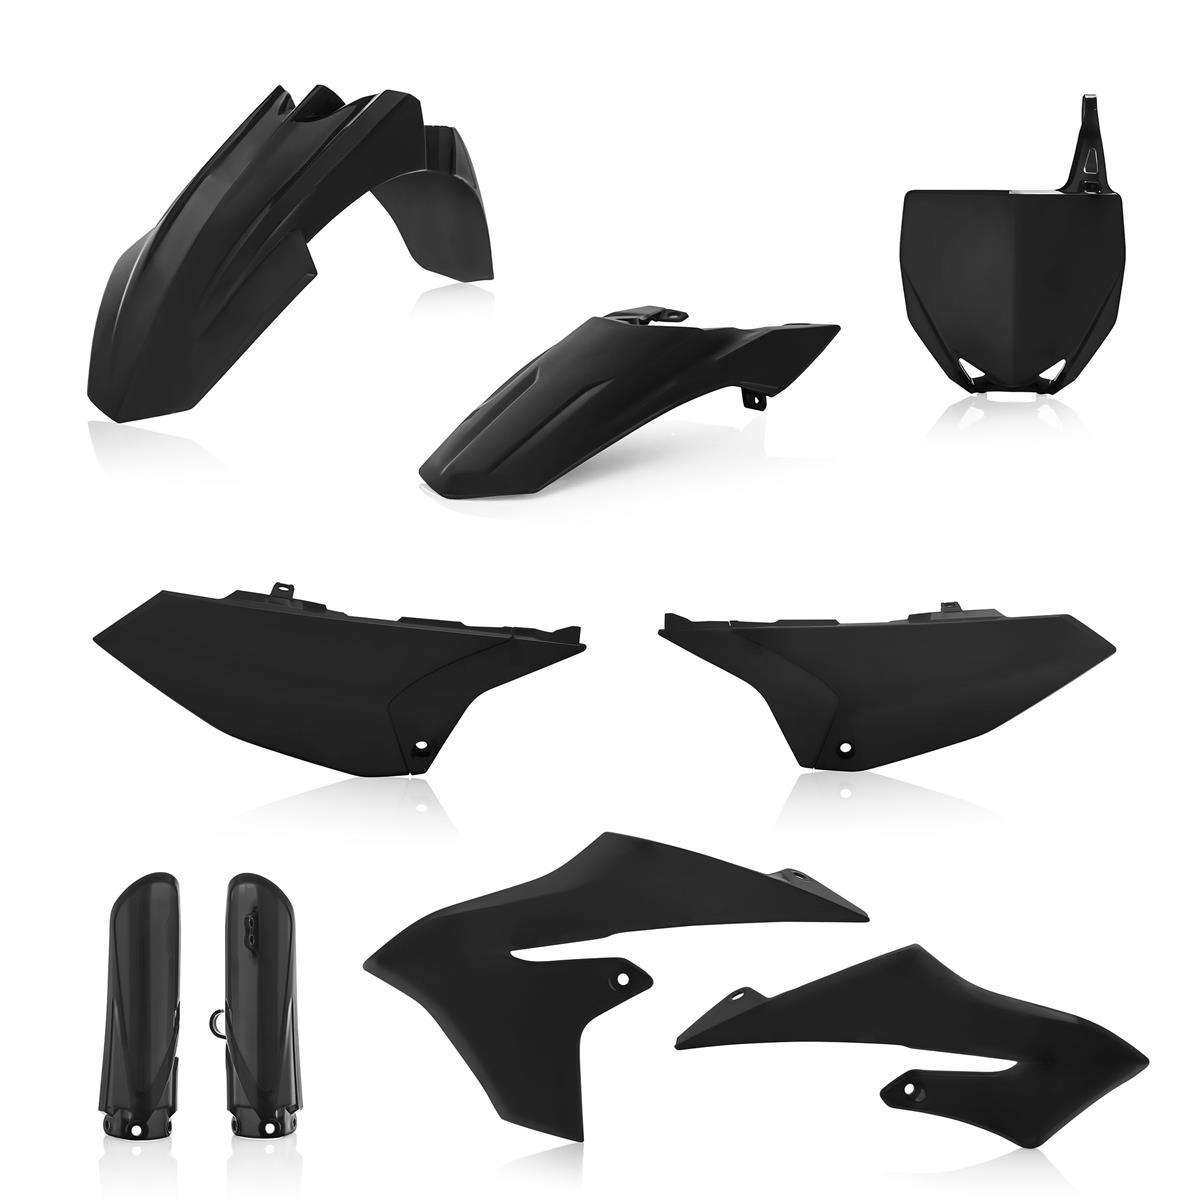 acerbis-plastik-kit-plastic-kit-full-kit-1 (1)651